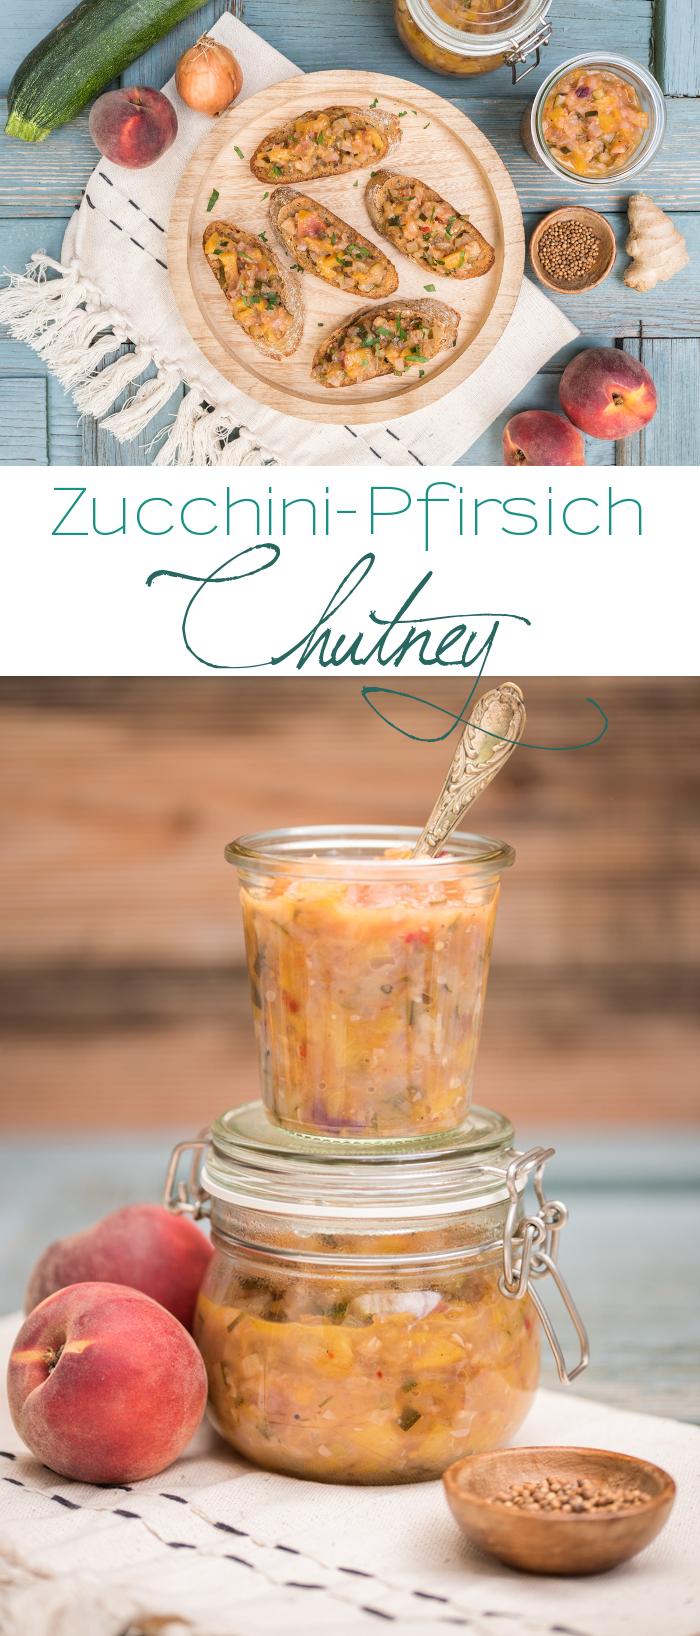 Rezept für Zucchini Pfirsich Chutney mit Koriander und Kreuzkümmel ohne Haushaltszucker für Crostini oder als Sauce zum Grillen